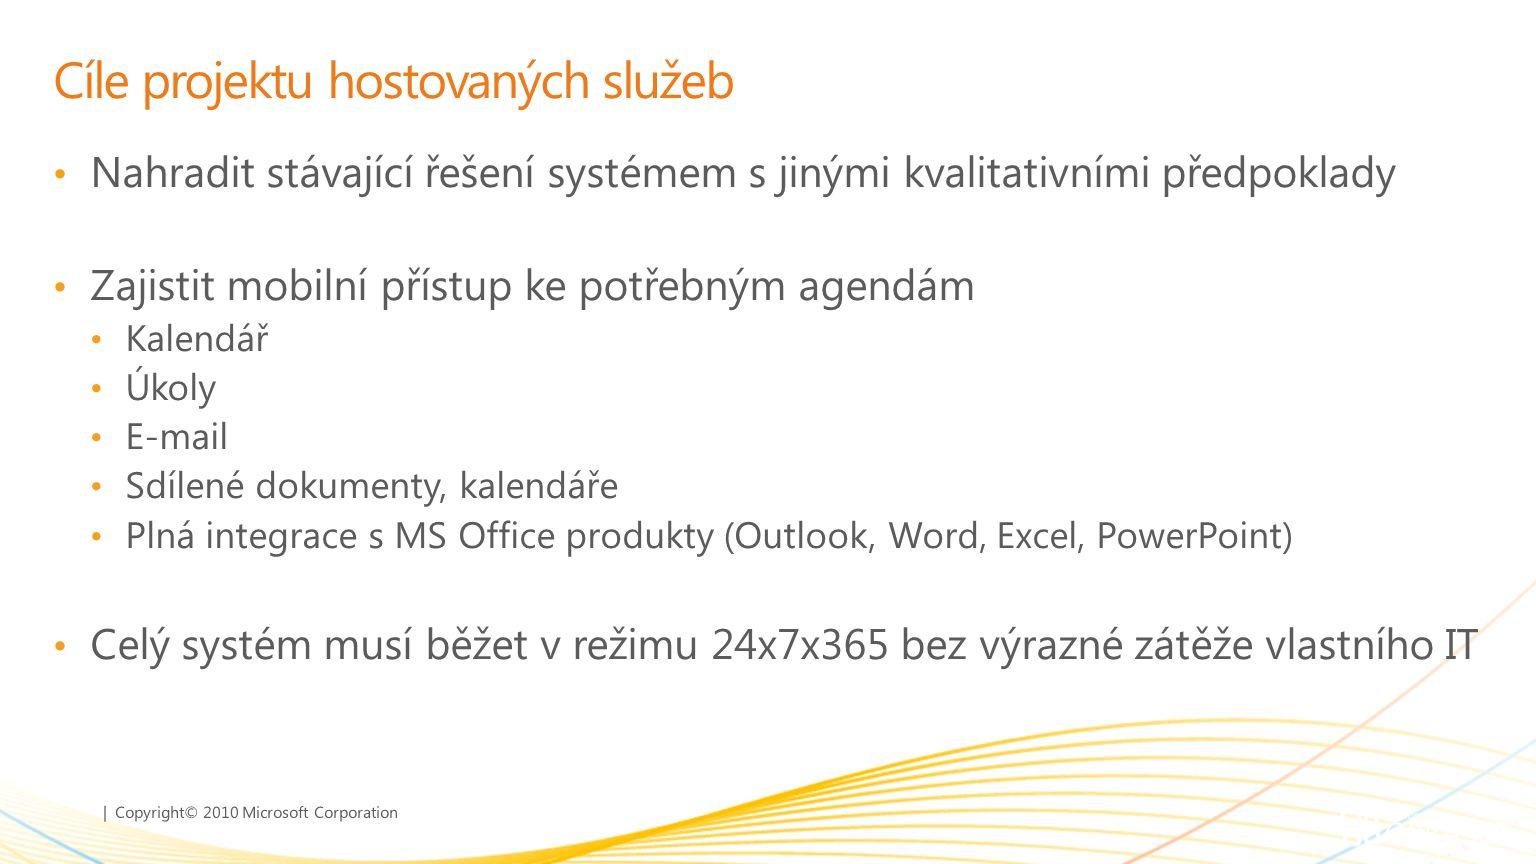 | Copyright© 2010 Microsoft Corporation Cíle projektu hostovaných služeb Nahradit stávající řešení systémem s jinými kvalitativními předpoklady Zajistit mobilní přístup ke potřebným agendám Kalendář Úkoly E-mail Sdílené dokumenty, kalendáře Plná integrace s MS Office produkty (Outlook, Word, Excel, PowerPoint) Celý systém musí běžet v režimu 24x7x365 bez výrazné zátěže vlastního IT